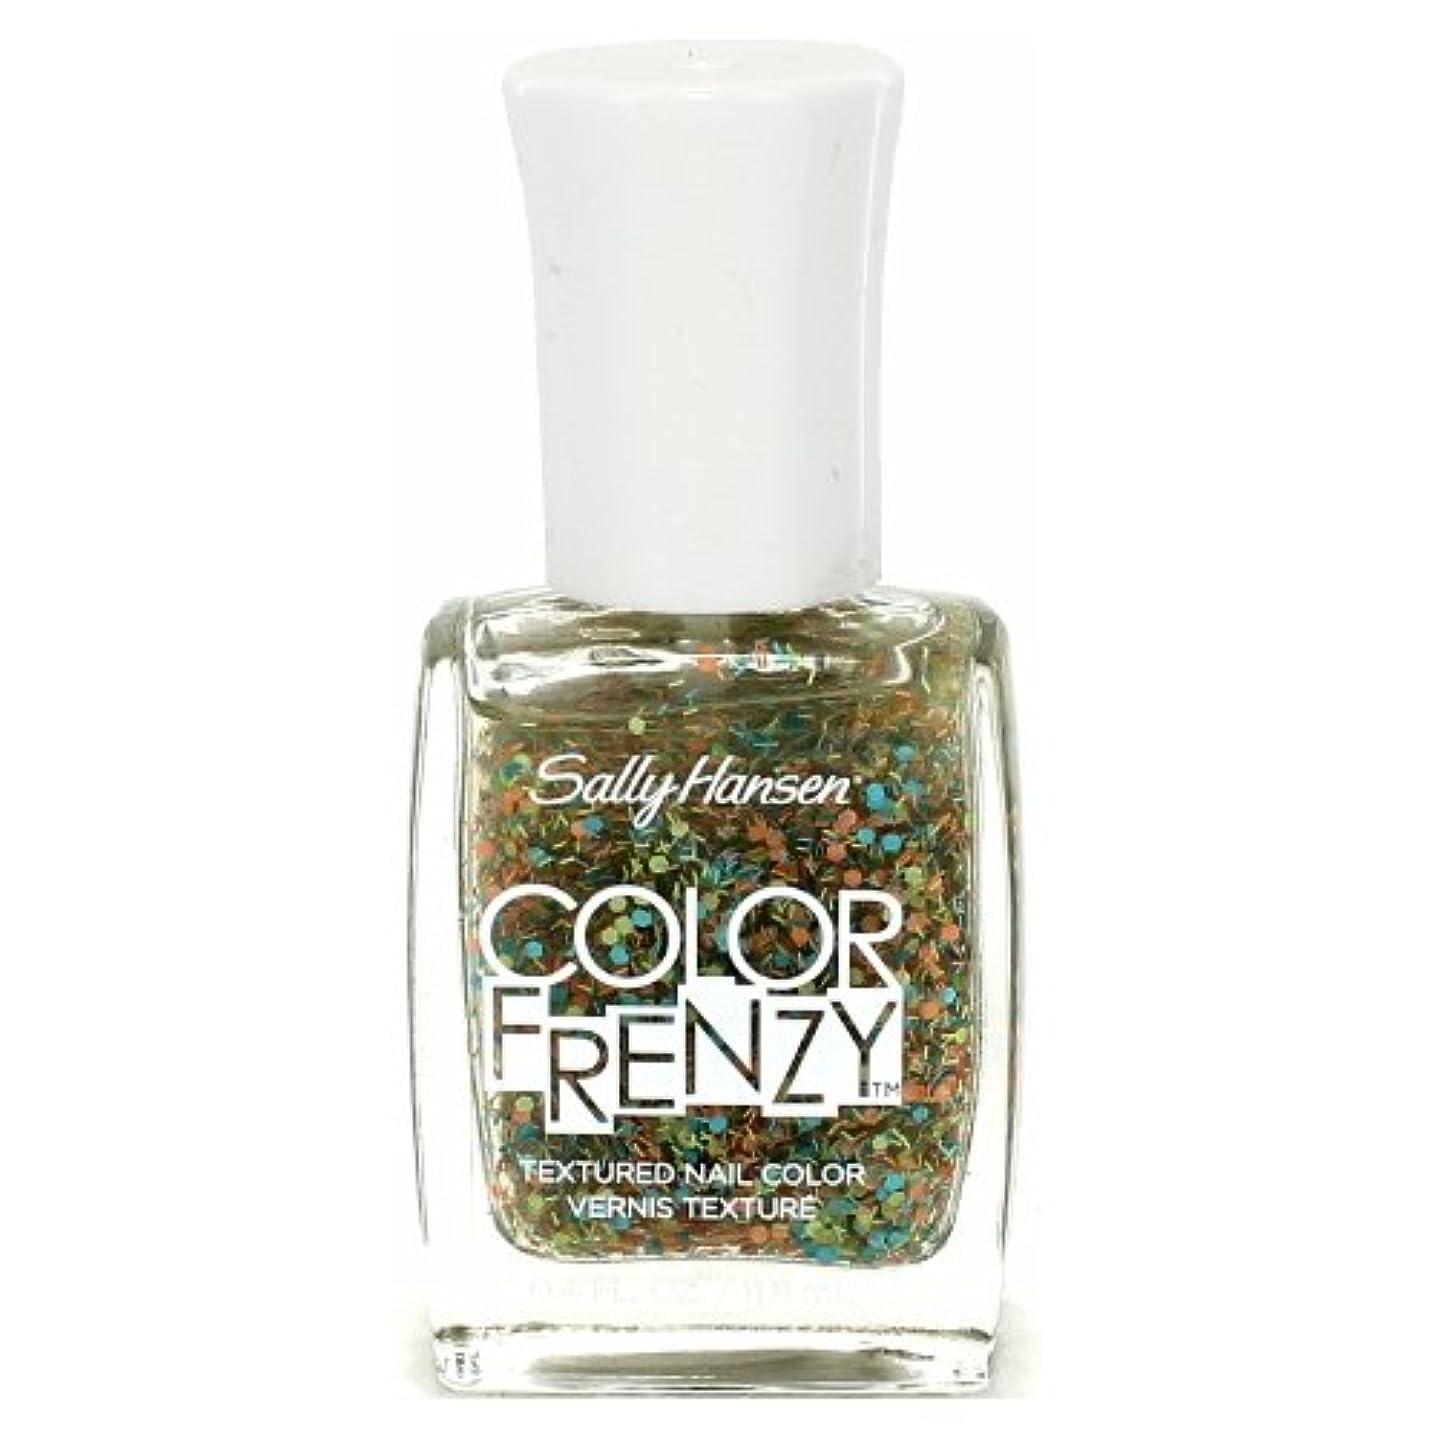 アカウントデンマーク劇作家(6 Pack) SALLY HANSEN Color Frenzy Textured Nail Color - Paint Party (並行輸入品)